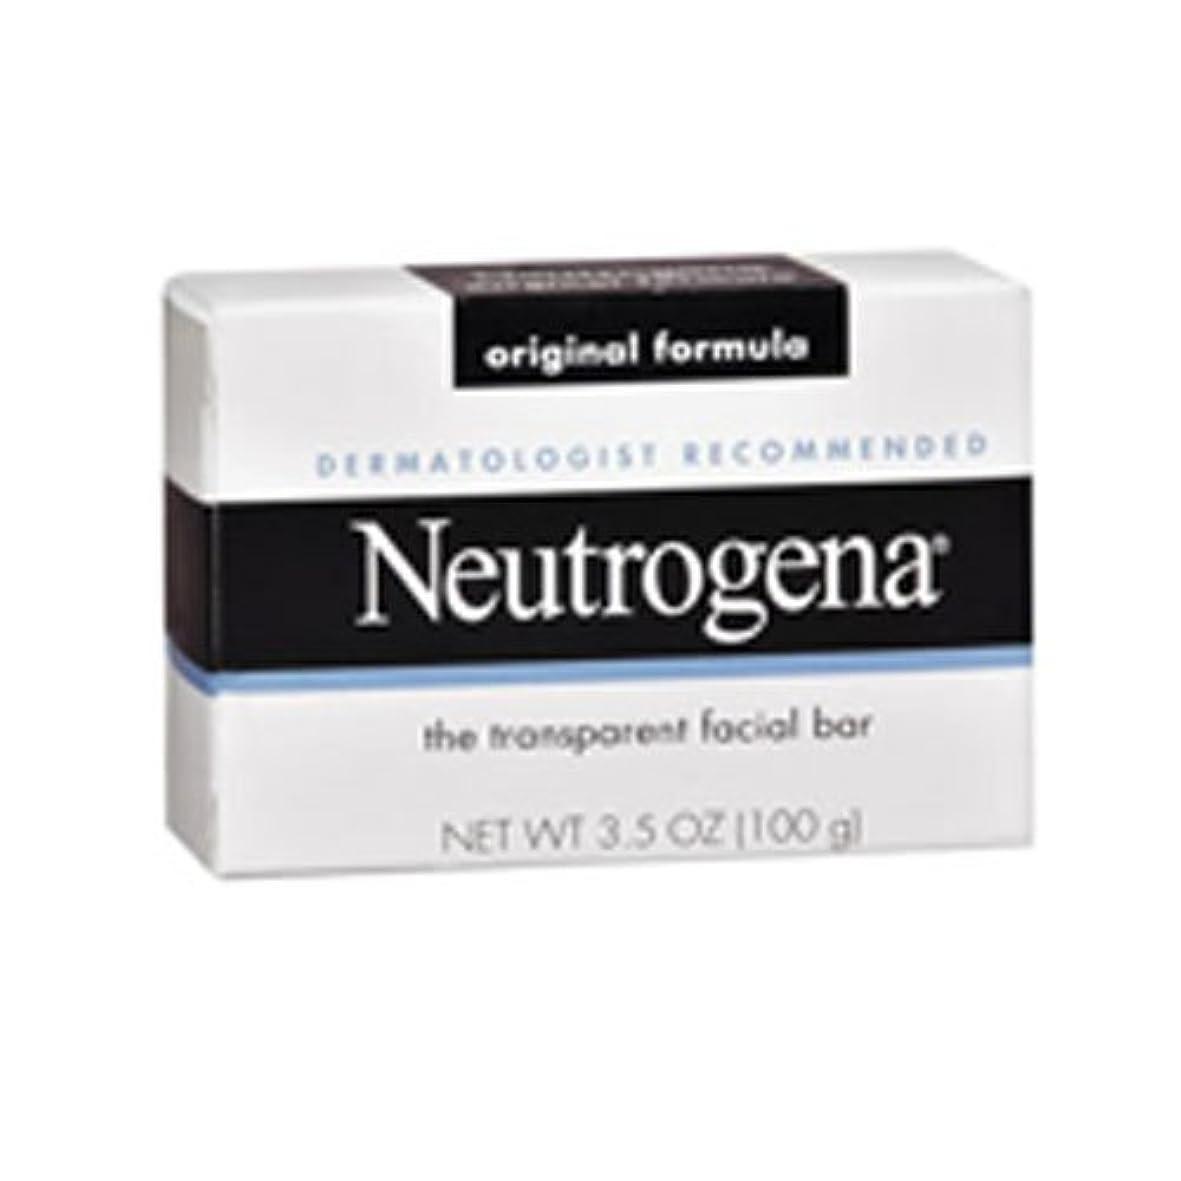 ここにここにリハーサル海外直送肘 Neutrogena Transparent Facial Soap Bar, 3.5 oz